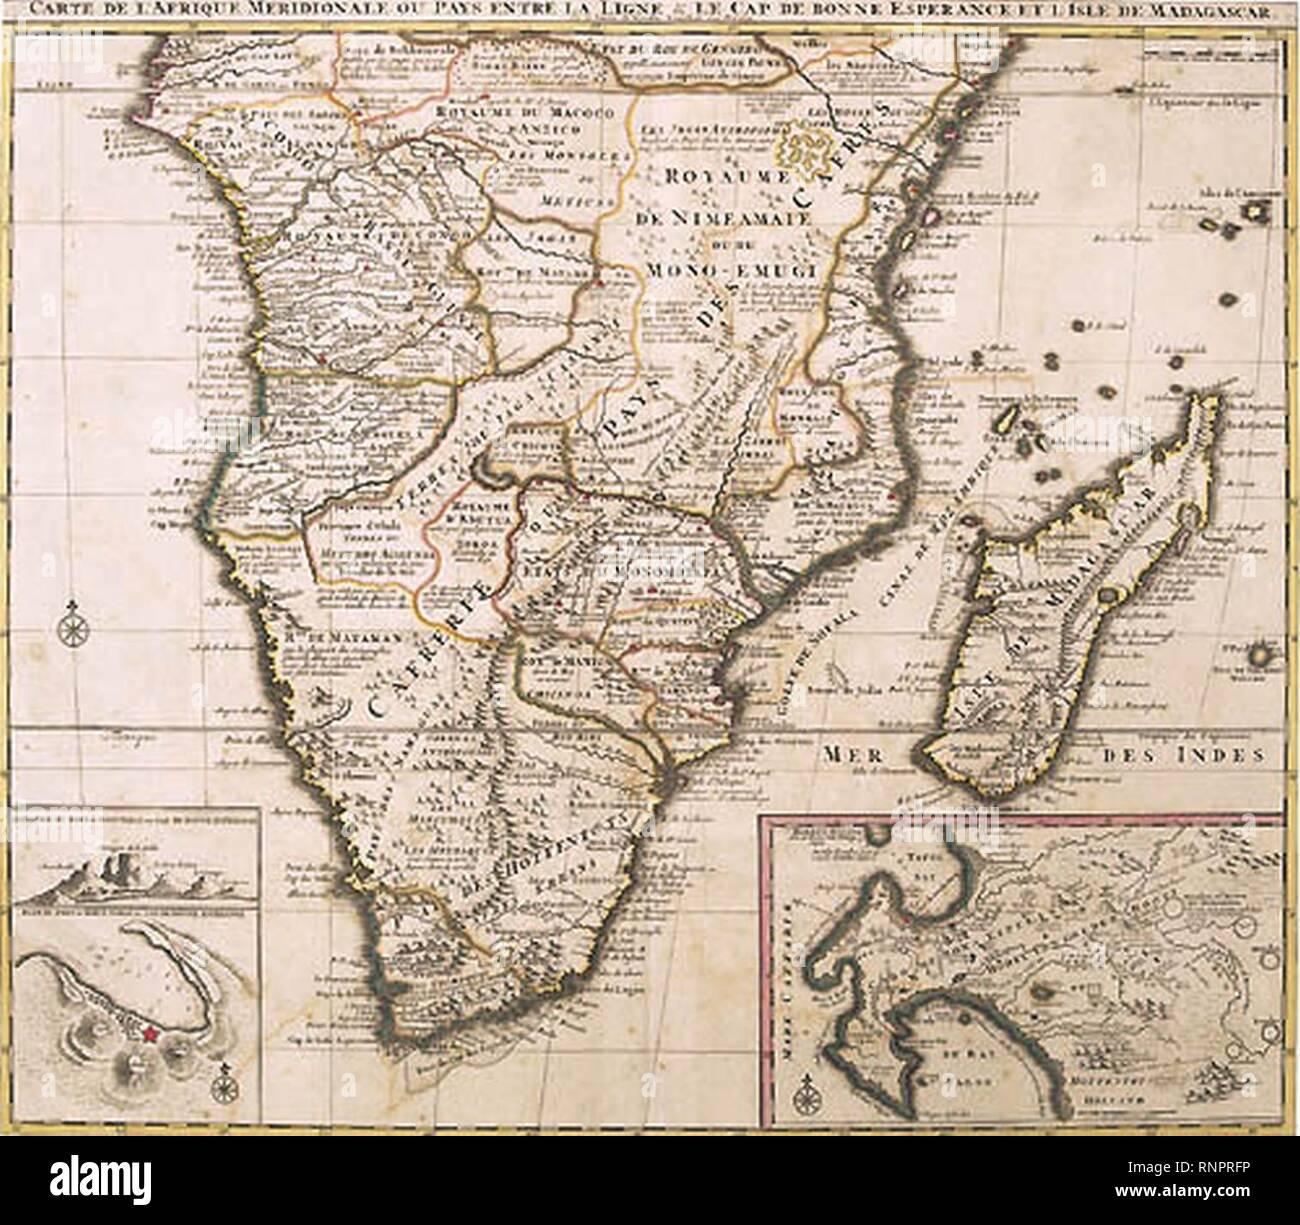 Carte de L'Afrique Meridionale 1730. - Stock Image